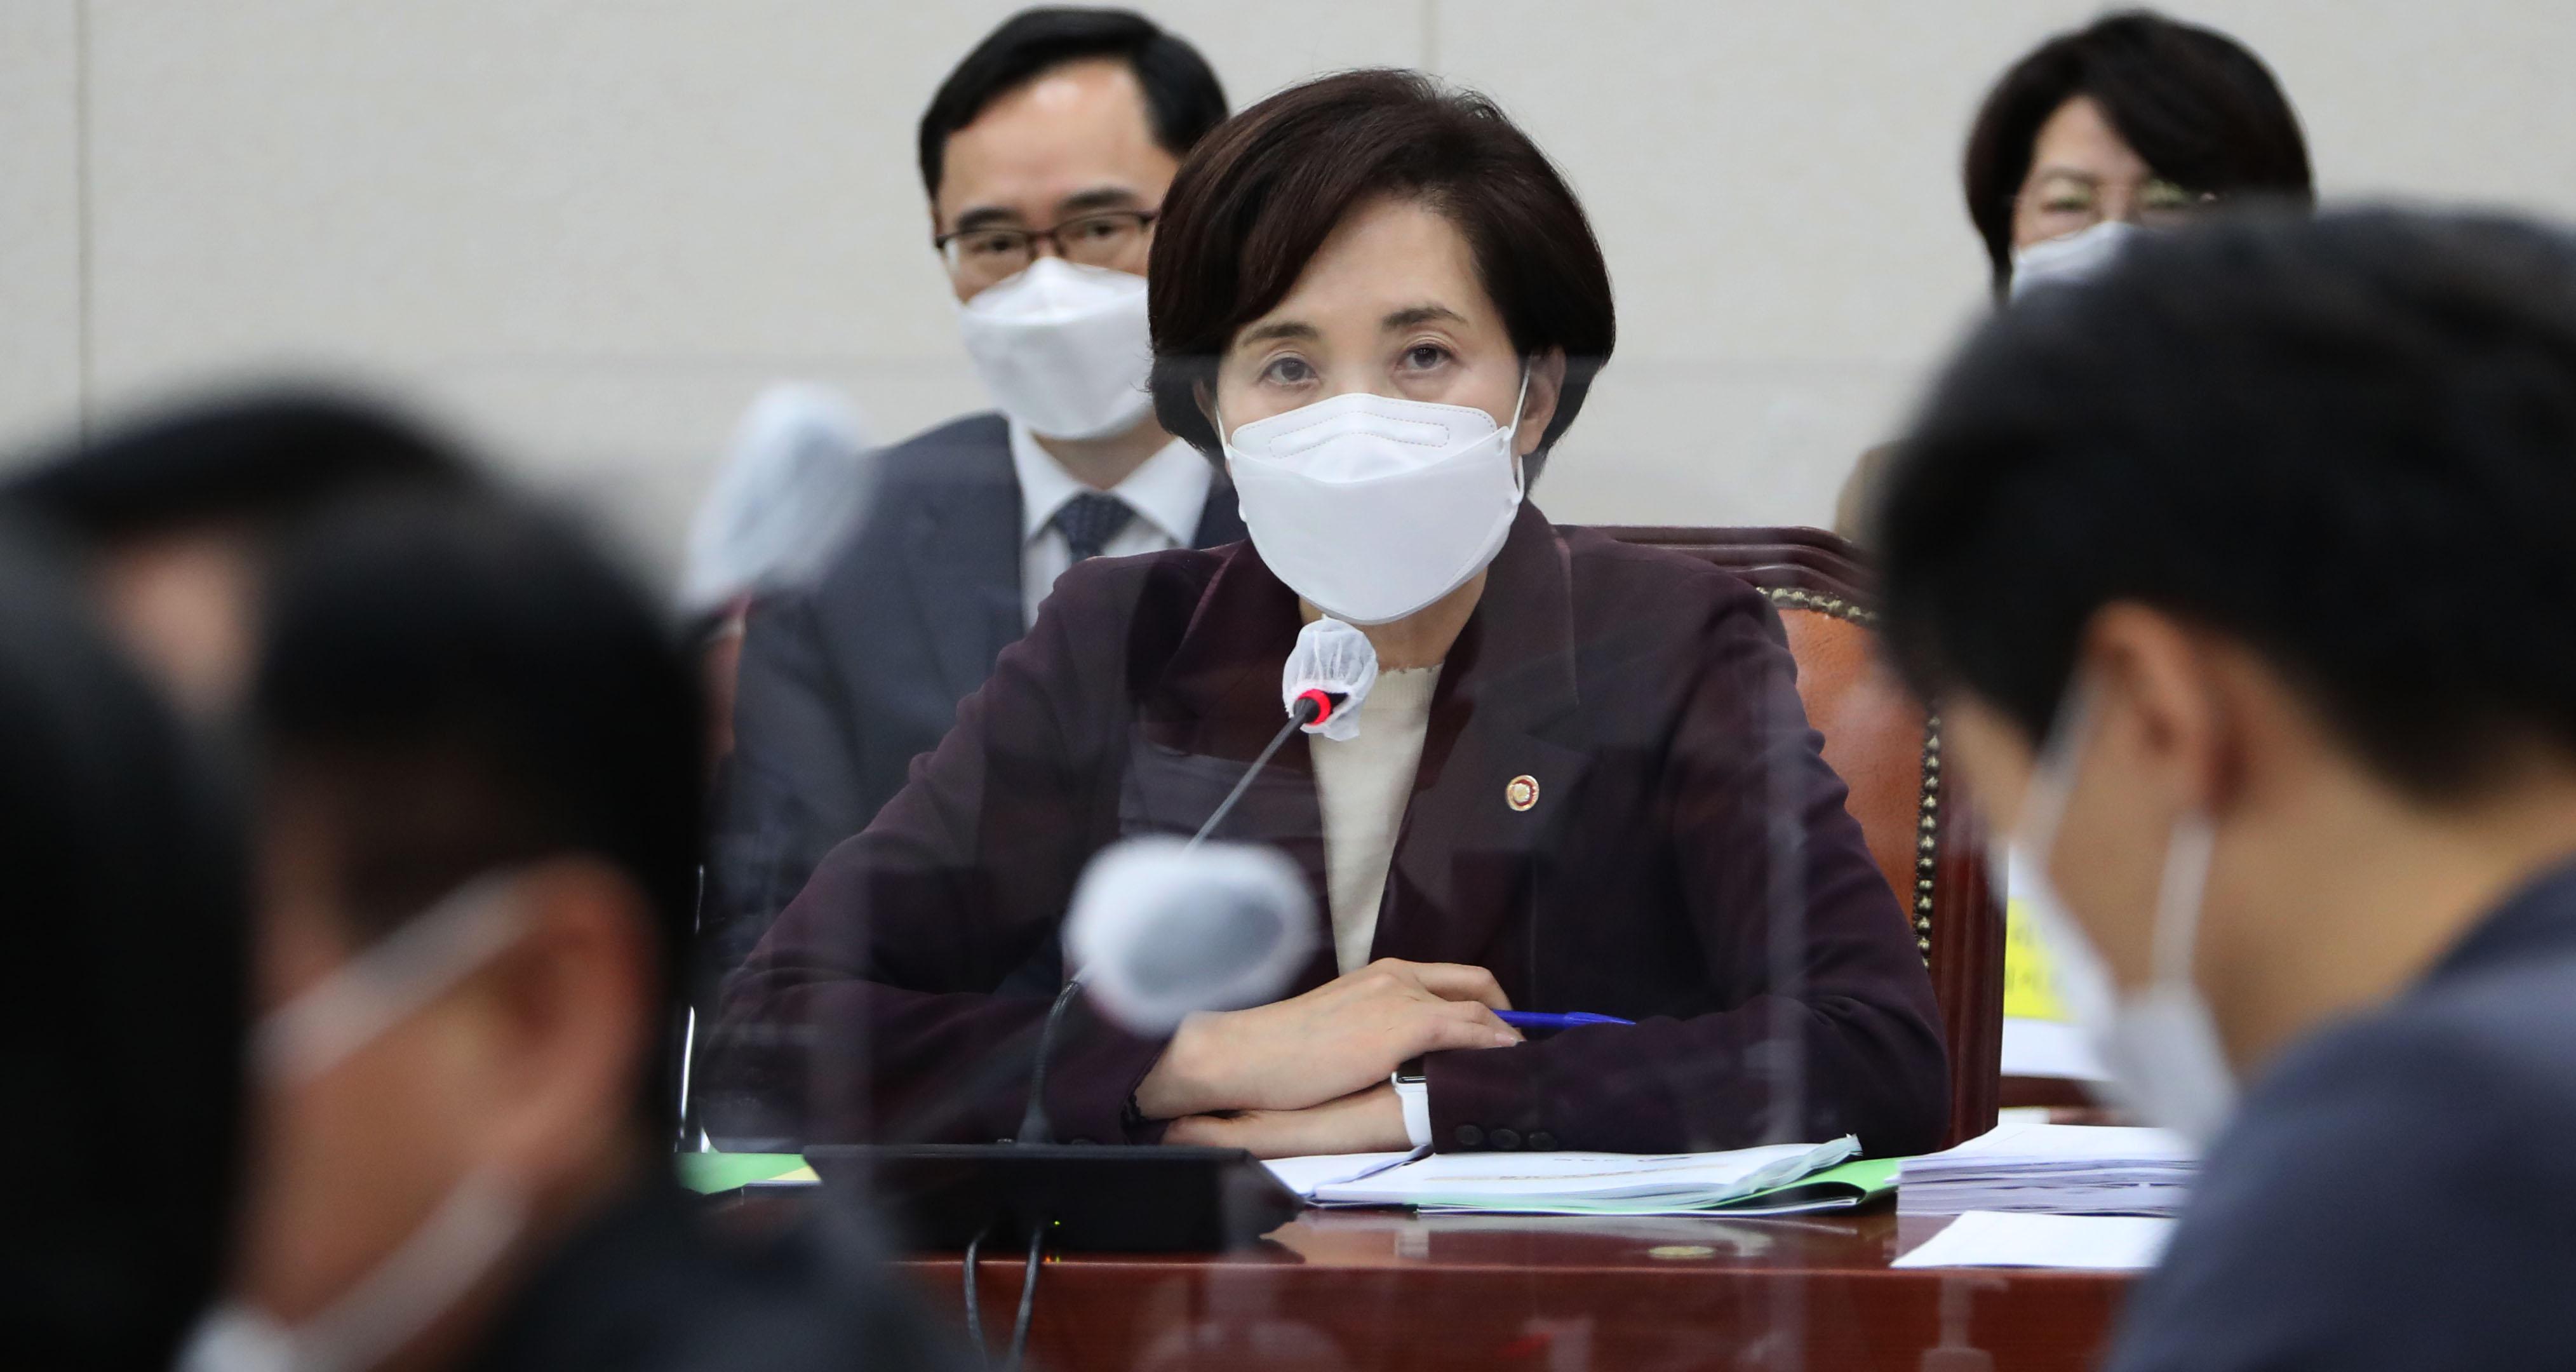 수능 관련 호소문 발표 후 국회 출석한 유은혜 부총리